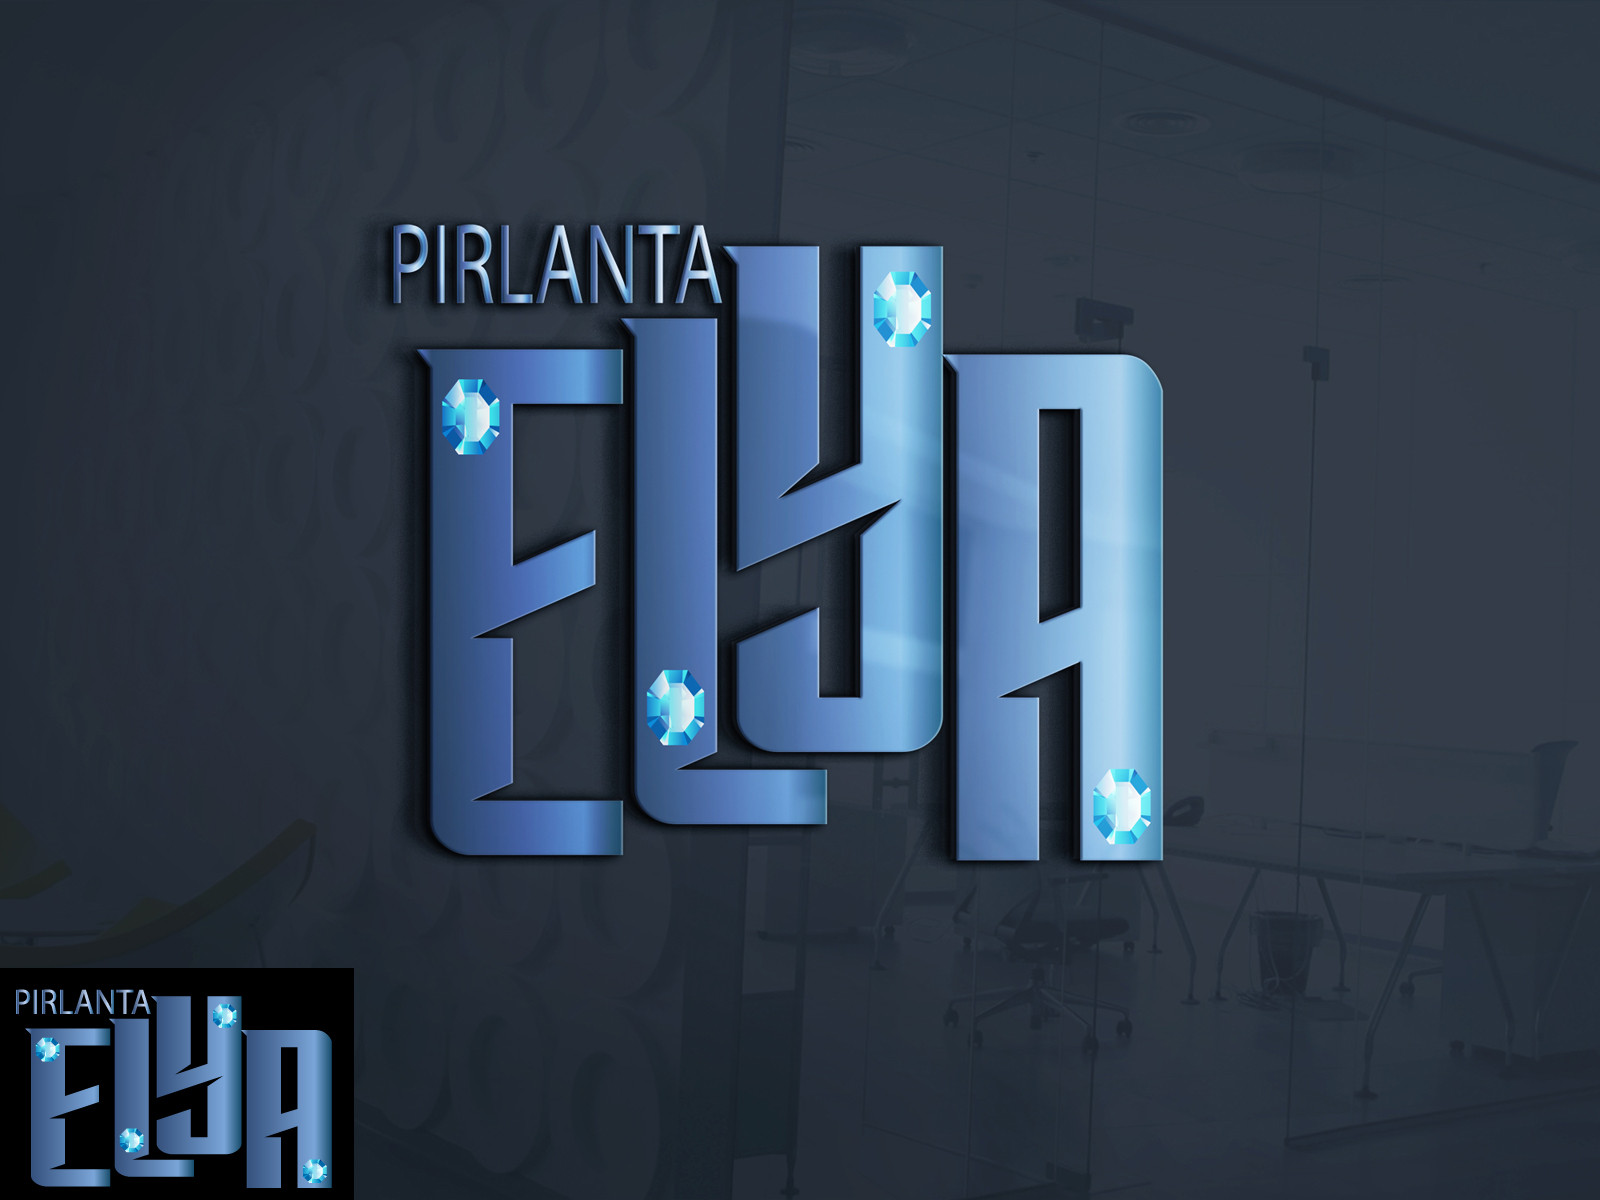 Tasarlayan orhanaras-ELYA Pırlanta firması Logo tasarımı